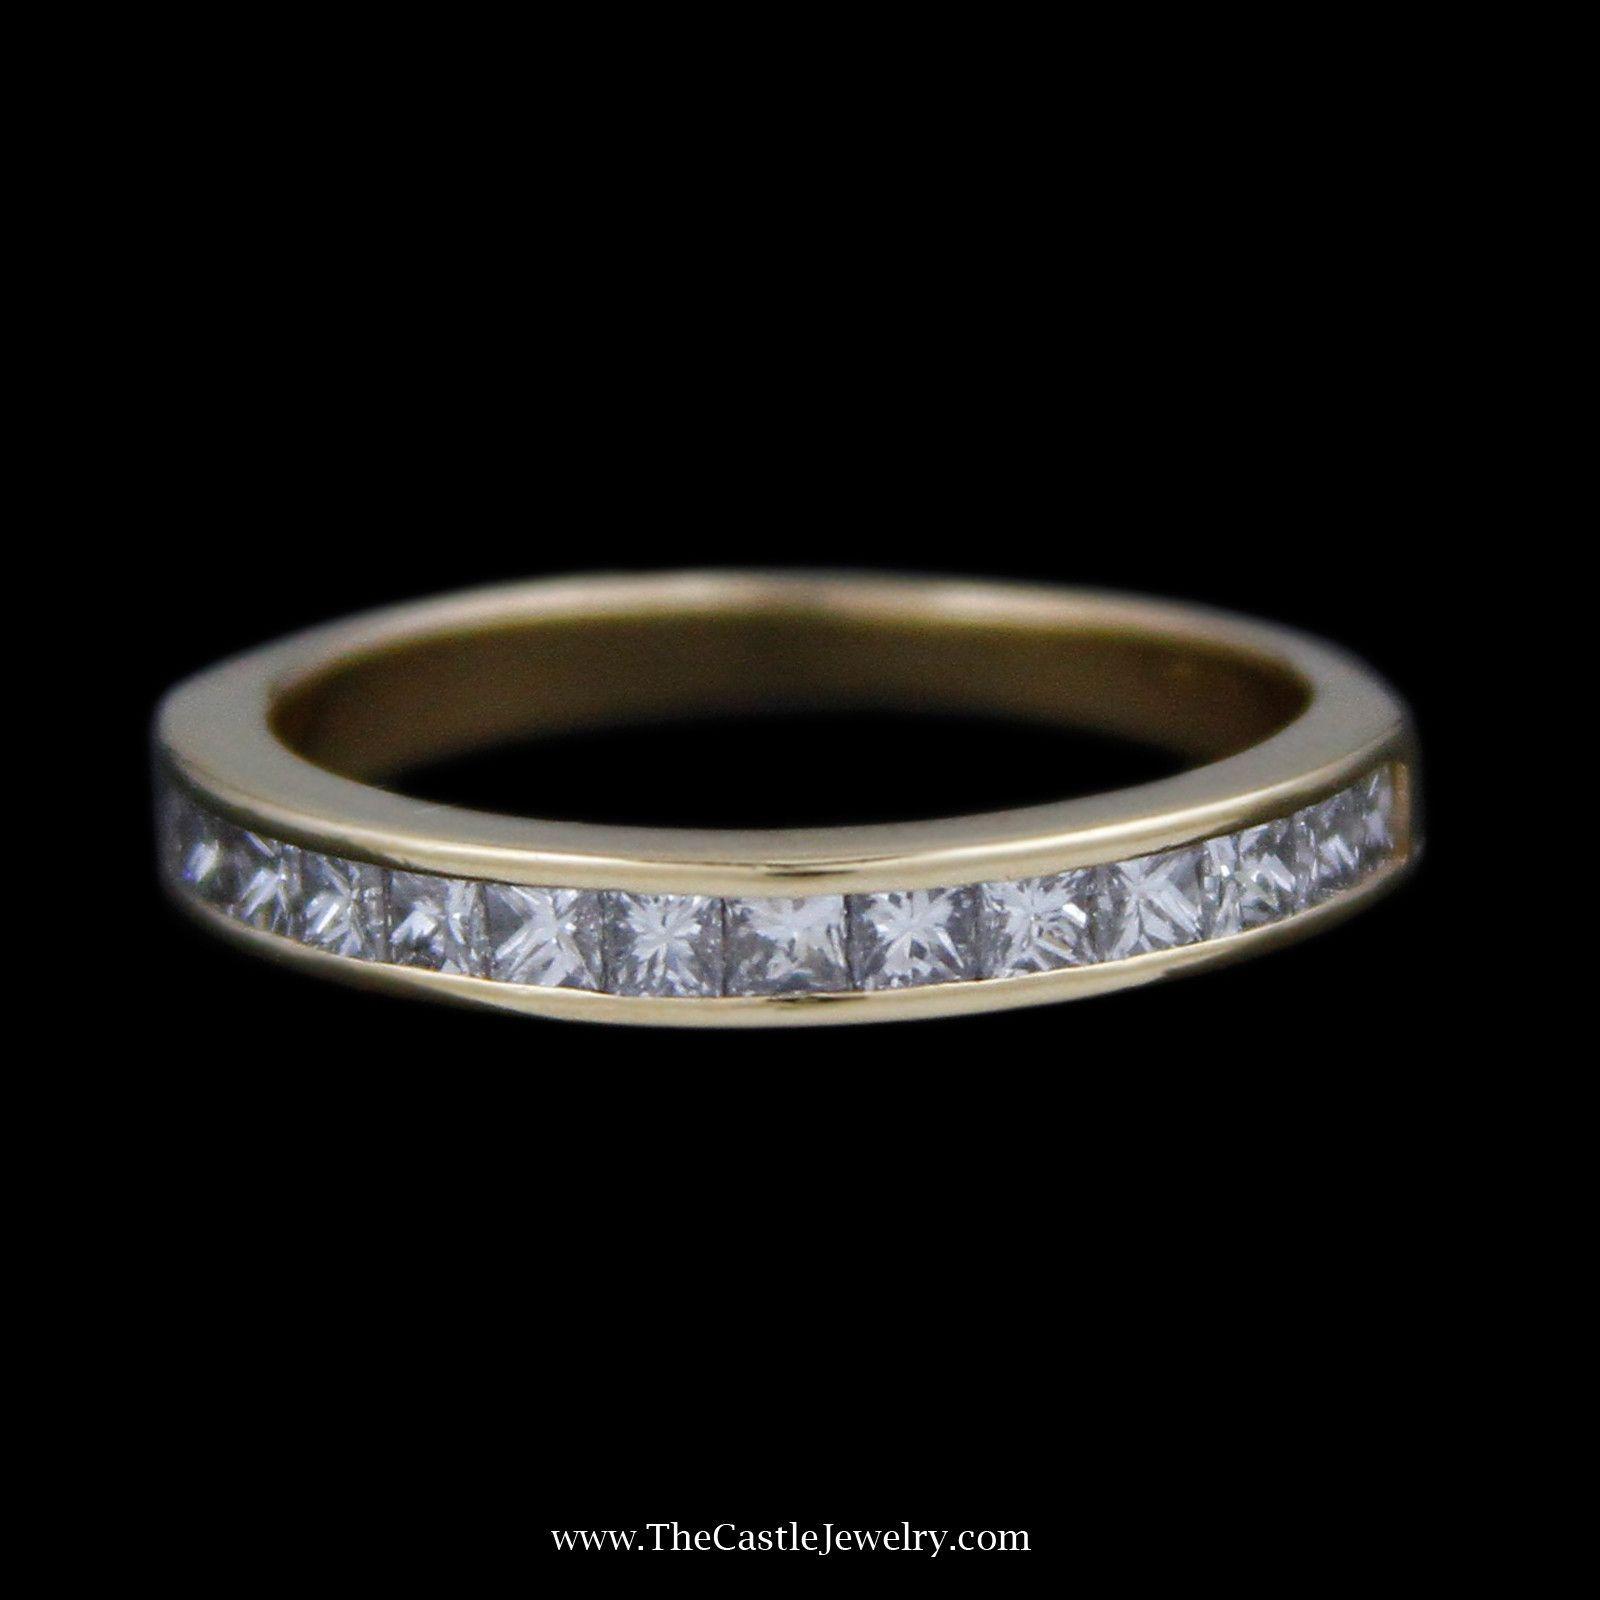 Tiffany u co channel set princess cut cttw diamond wedding band